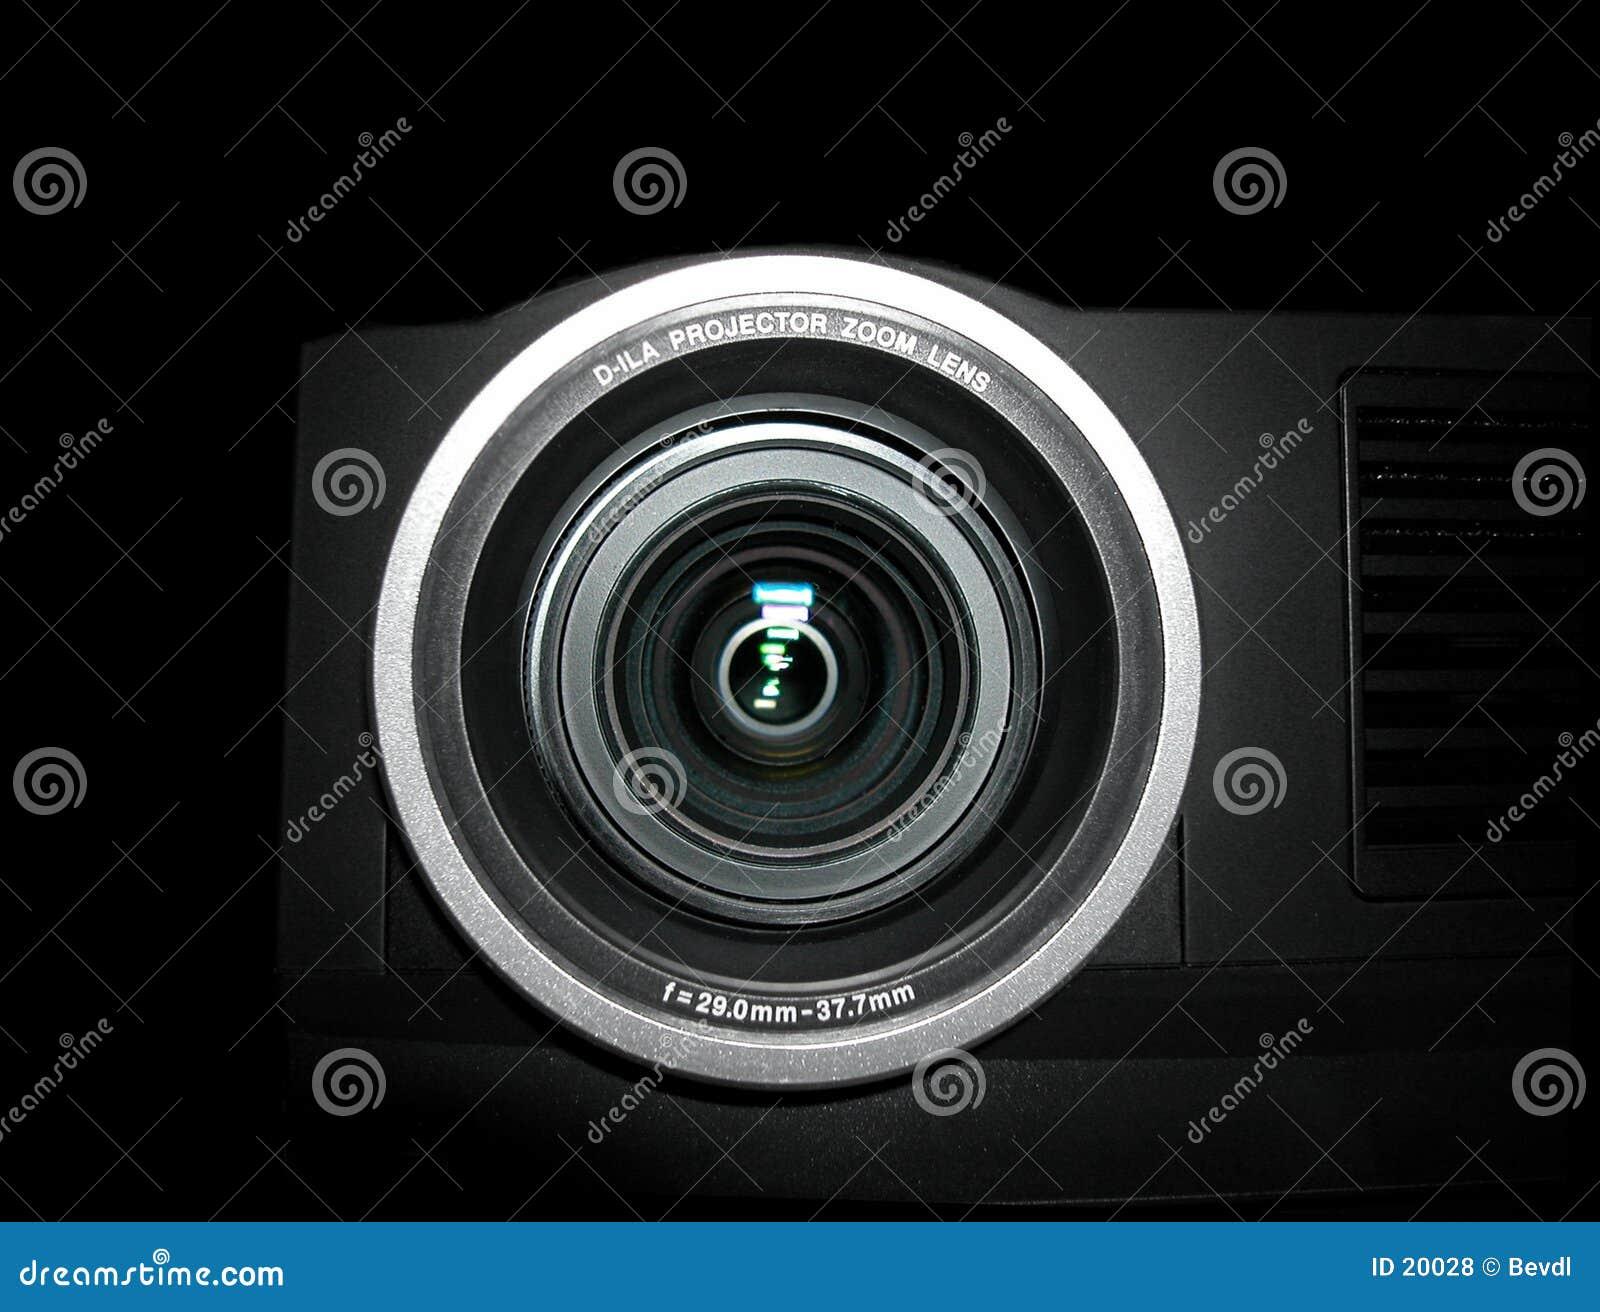 Projector lens - close up